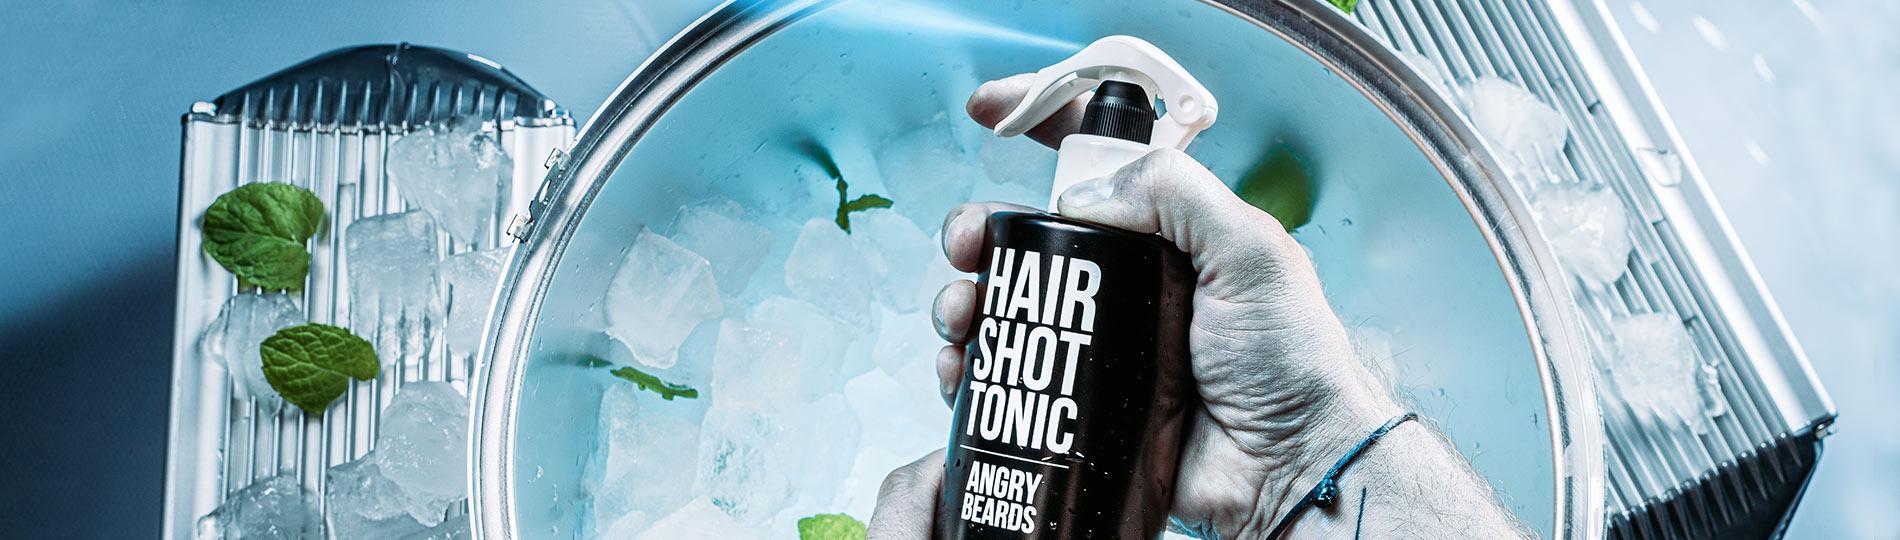 HairTonic69